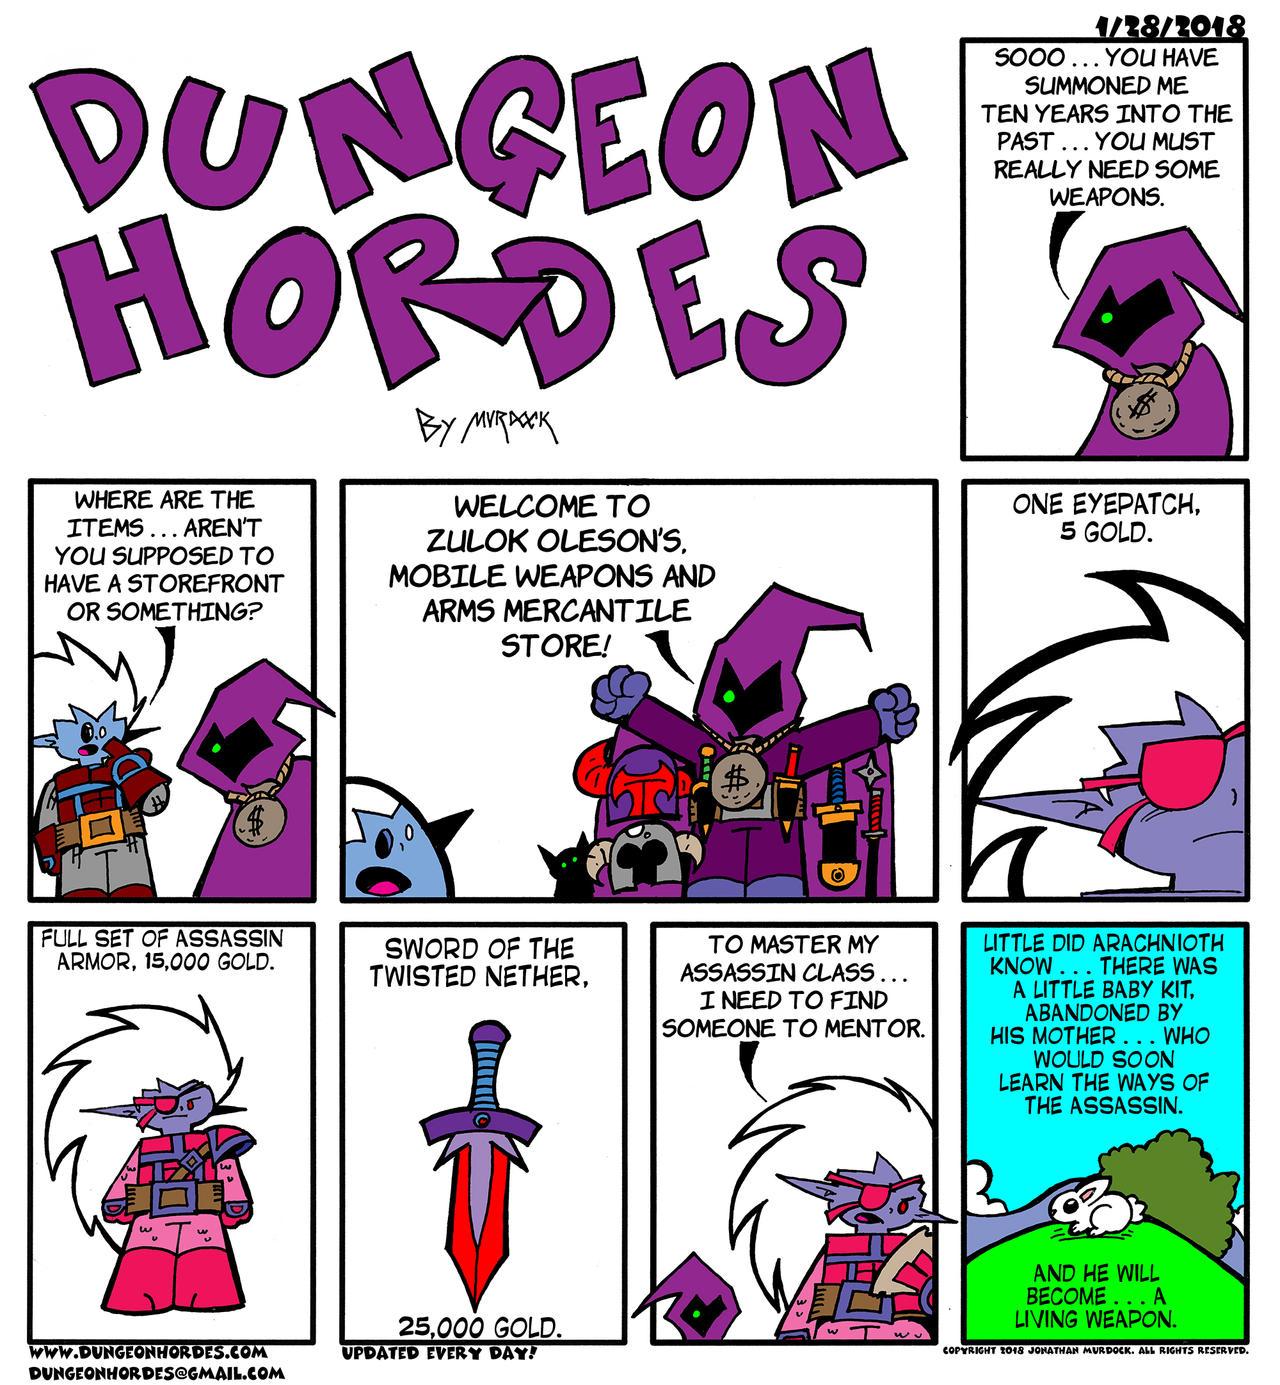 Dungeon Hordes #2236 by Dungeonhordes